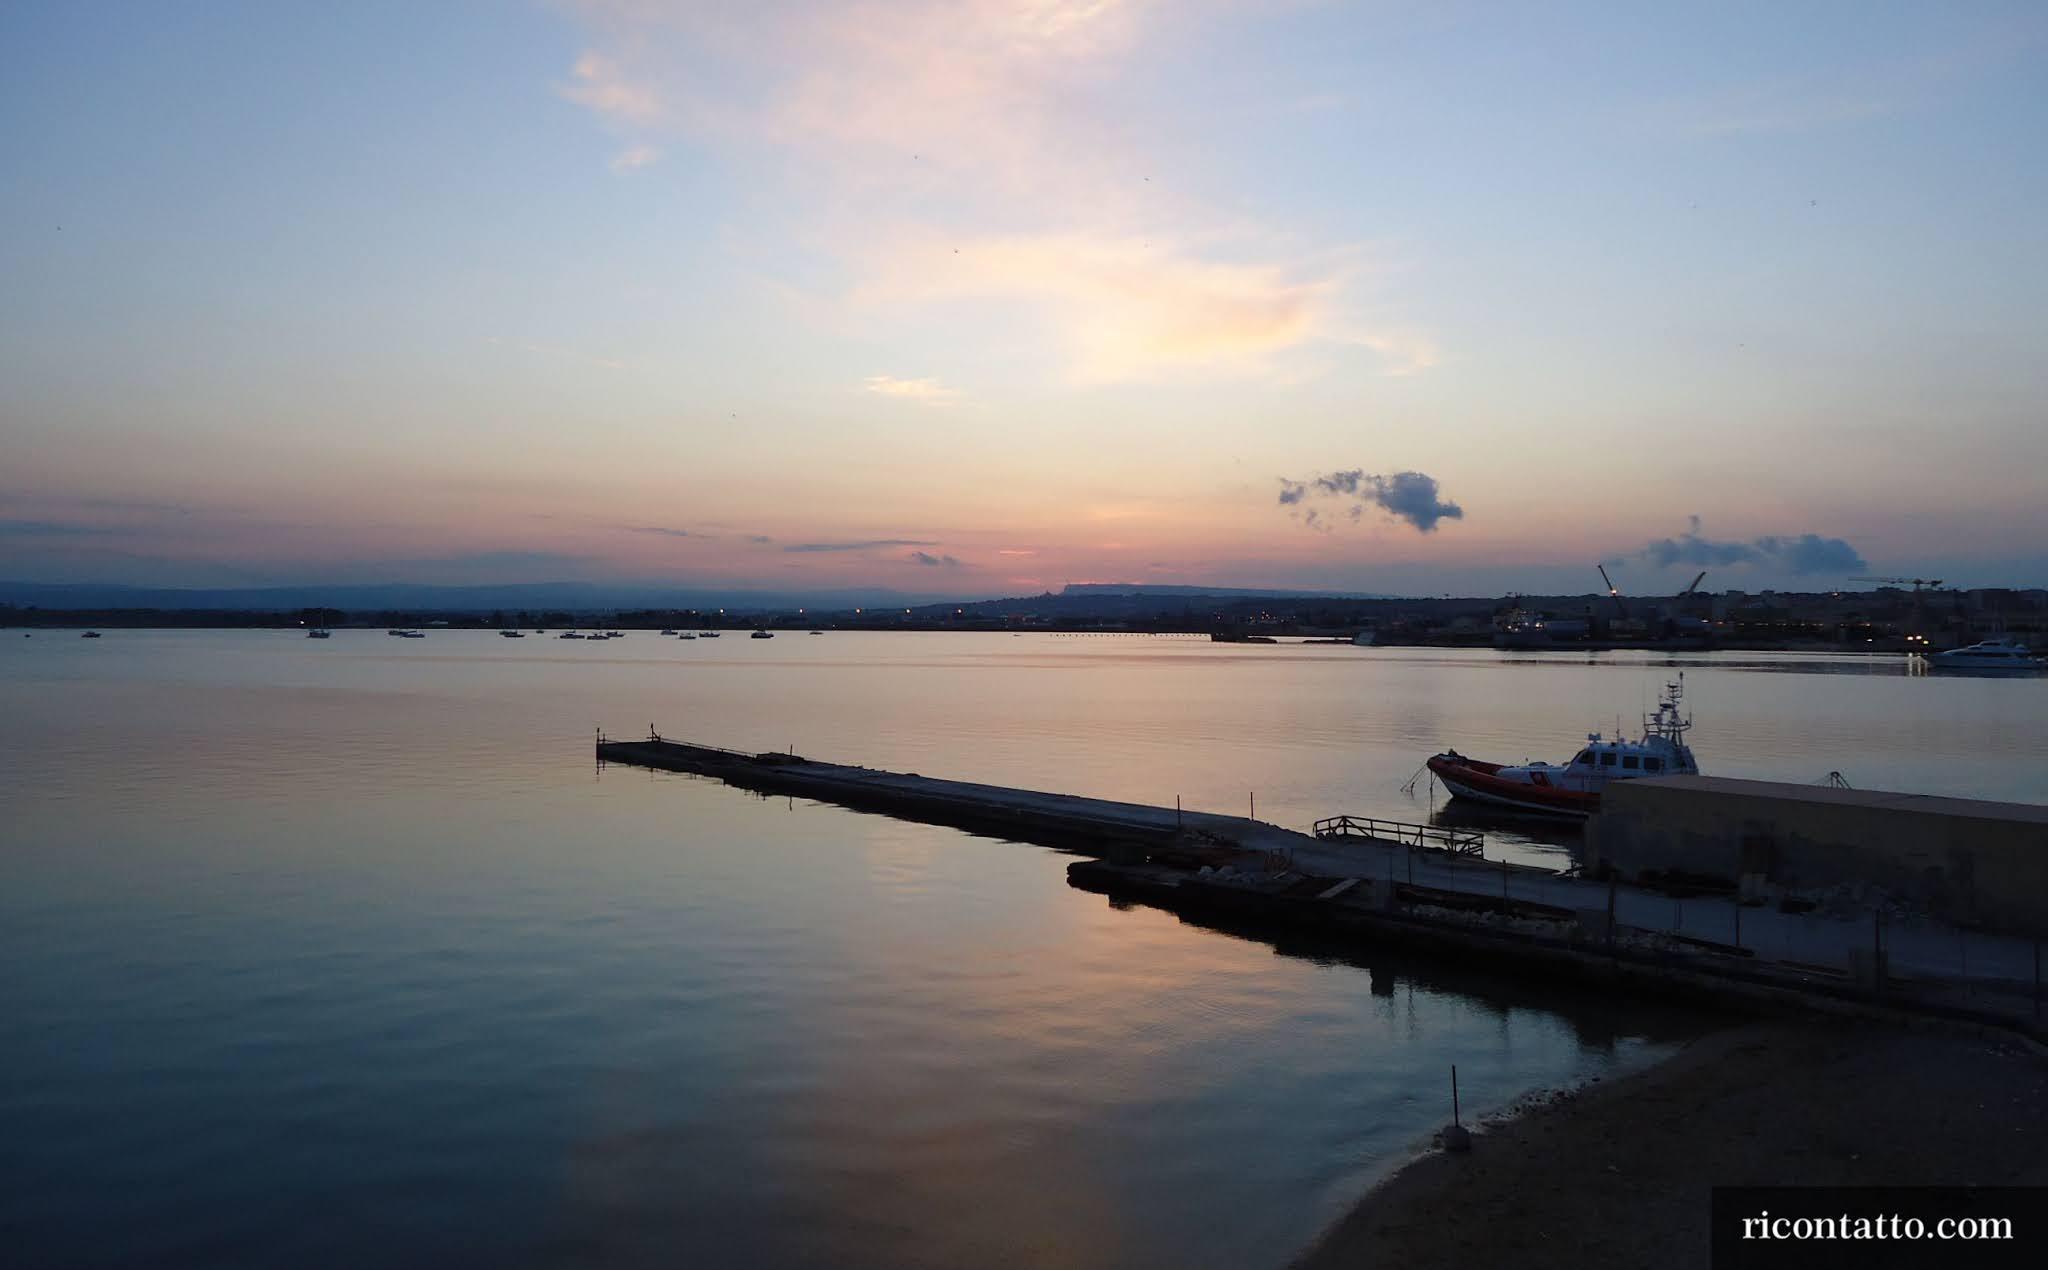 Siracusa, Sicilia, Italy - Photo #17 by Ricontatto.com